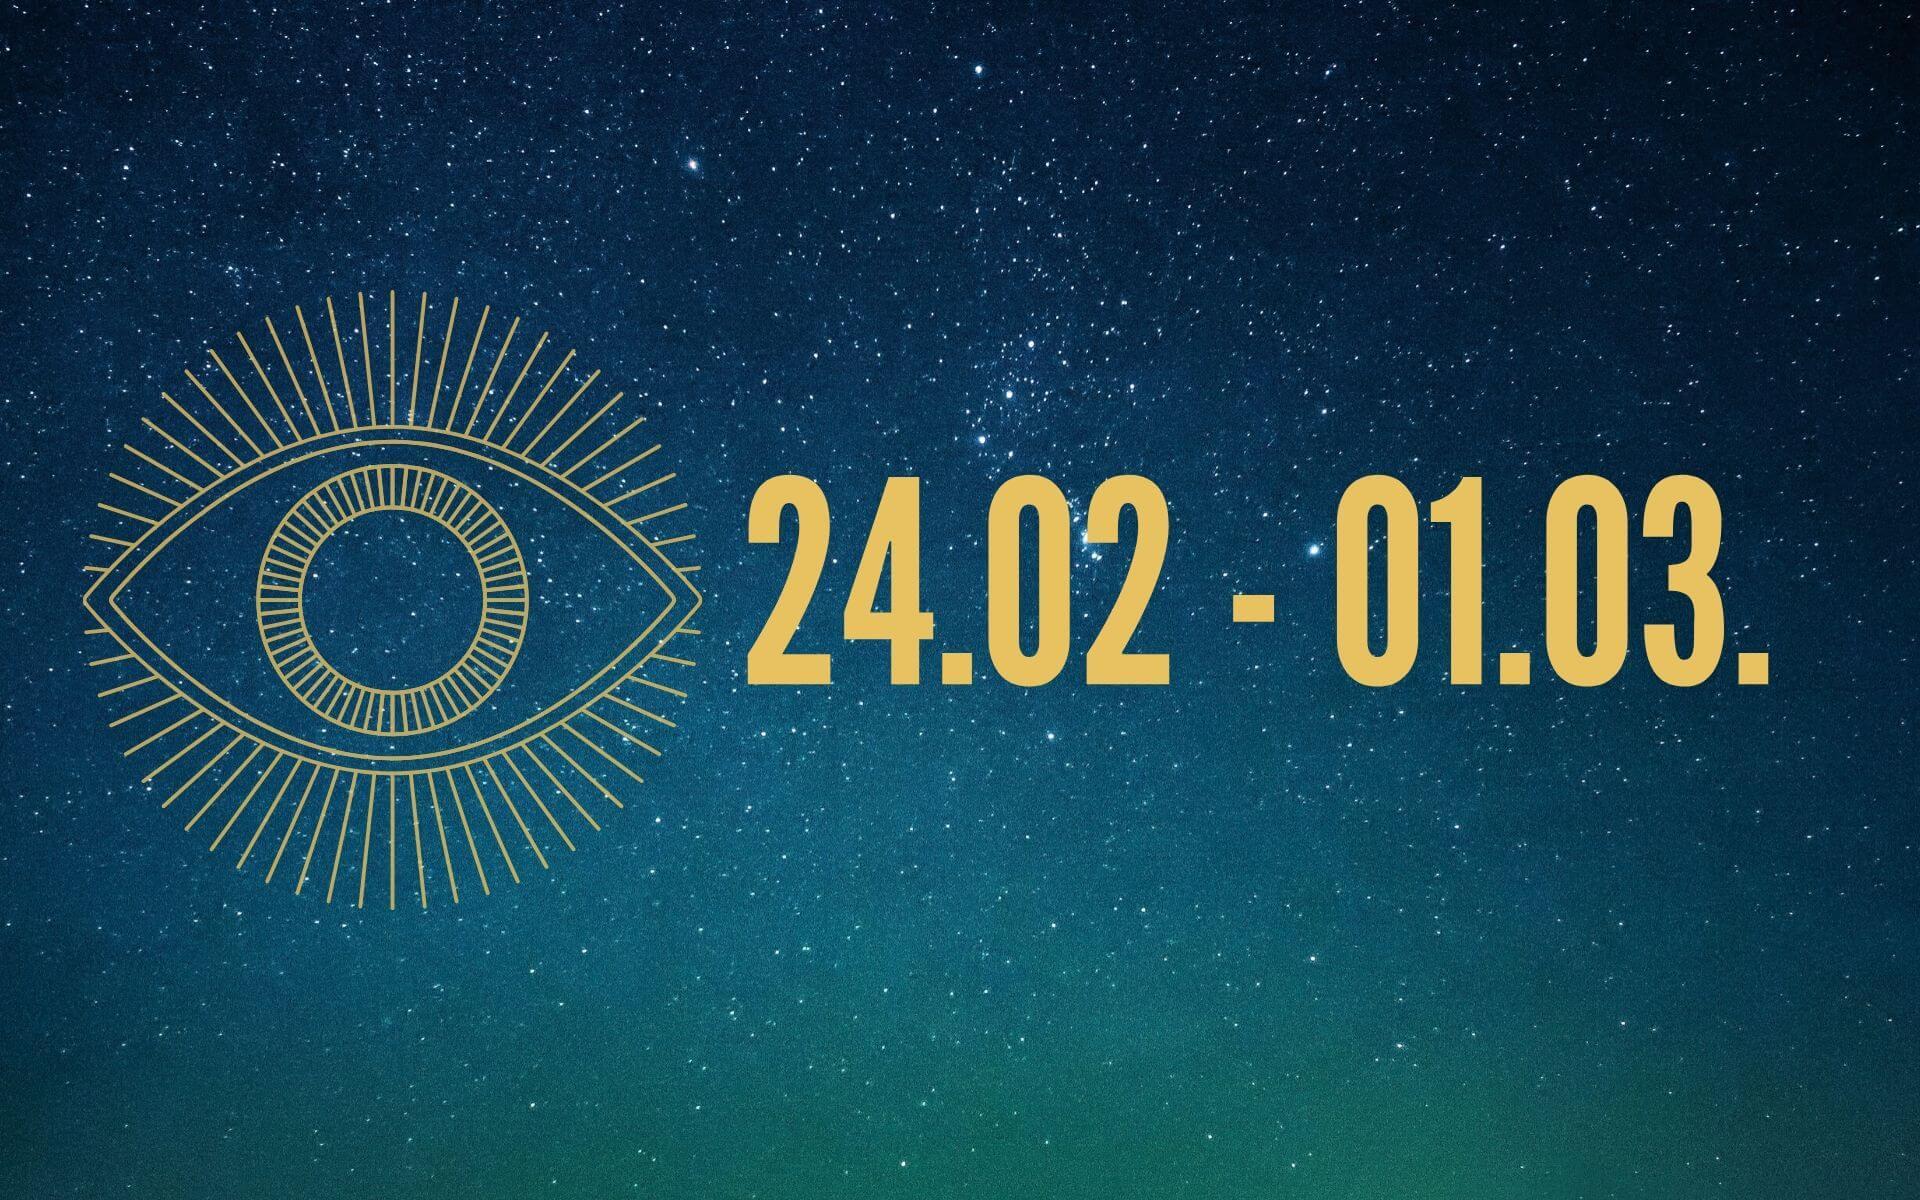 MILAs Liebeshoroskop 24.02. - 01.03. - Was erwartet dein Sternzeichen?